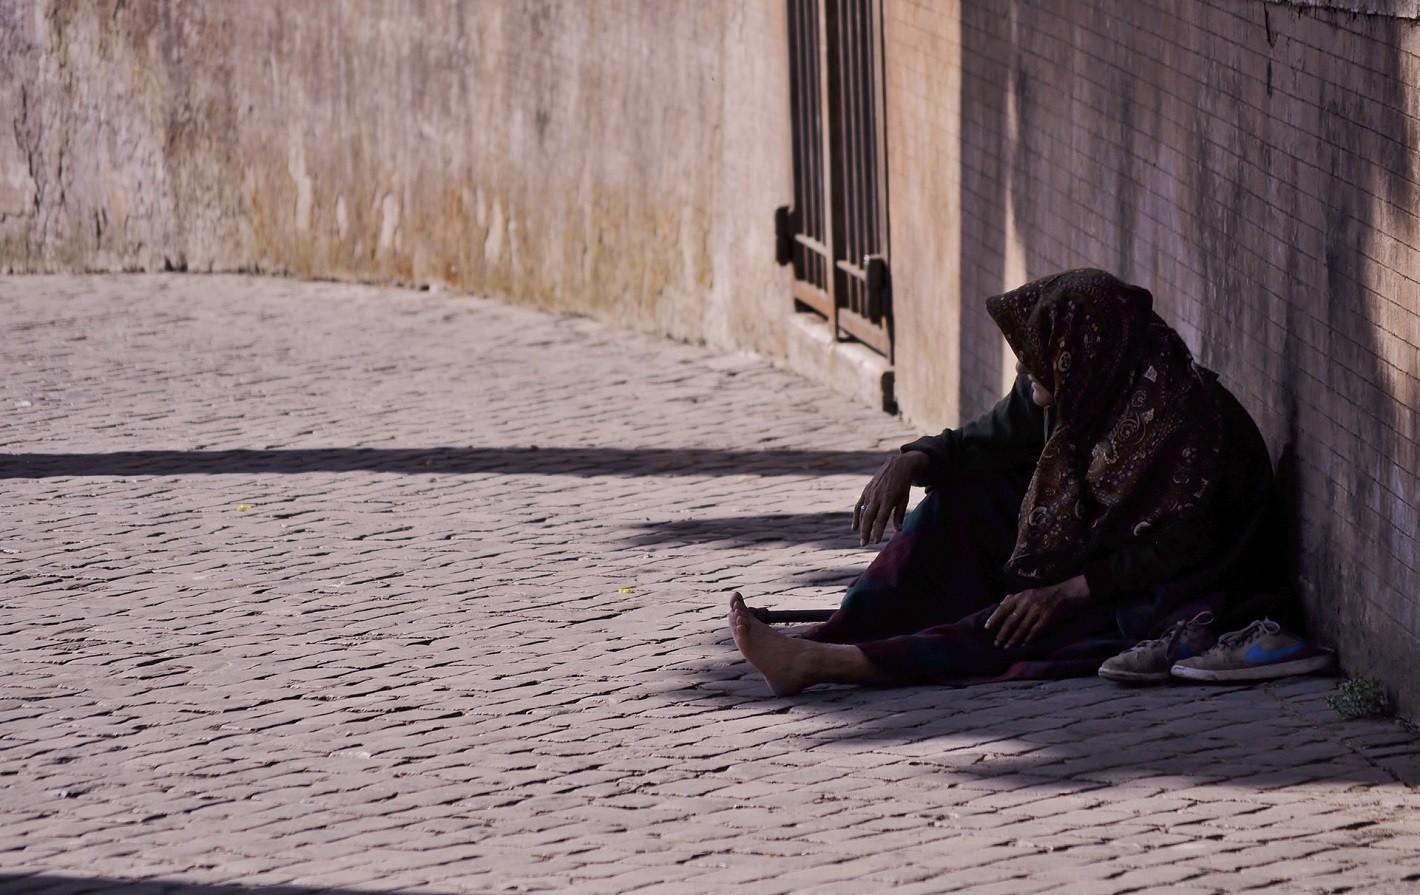 mujer pobre y descalza sentada en la calle